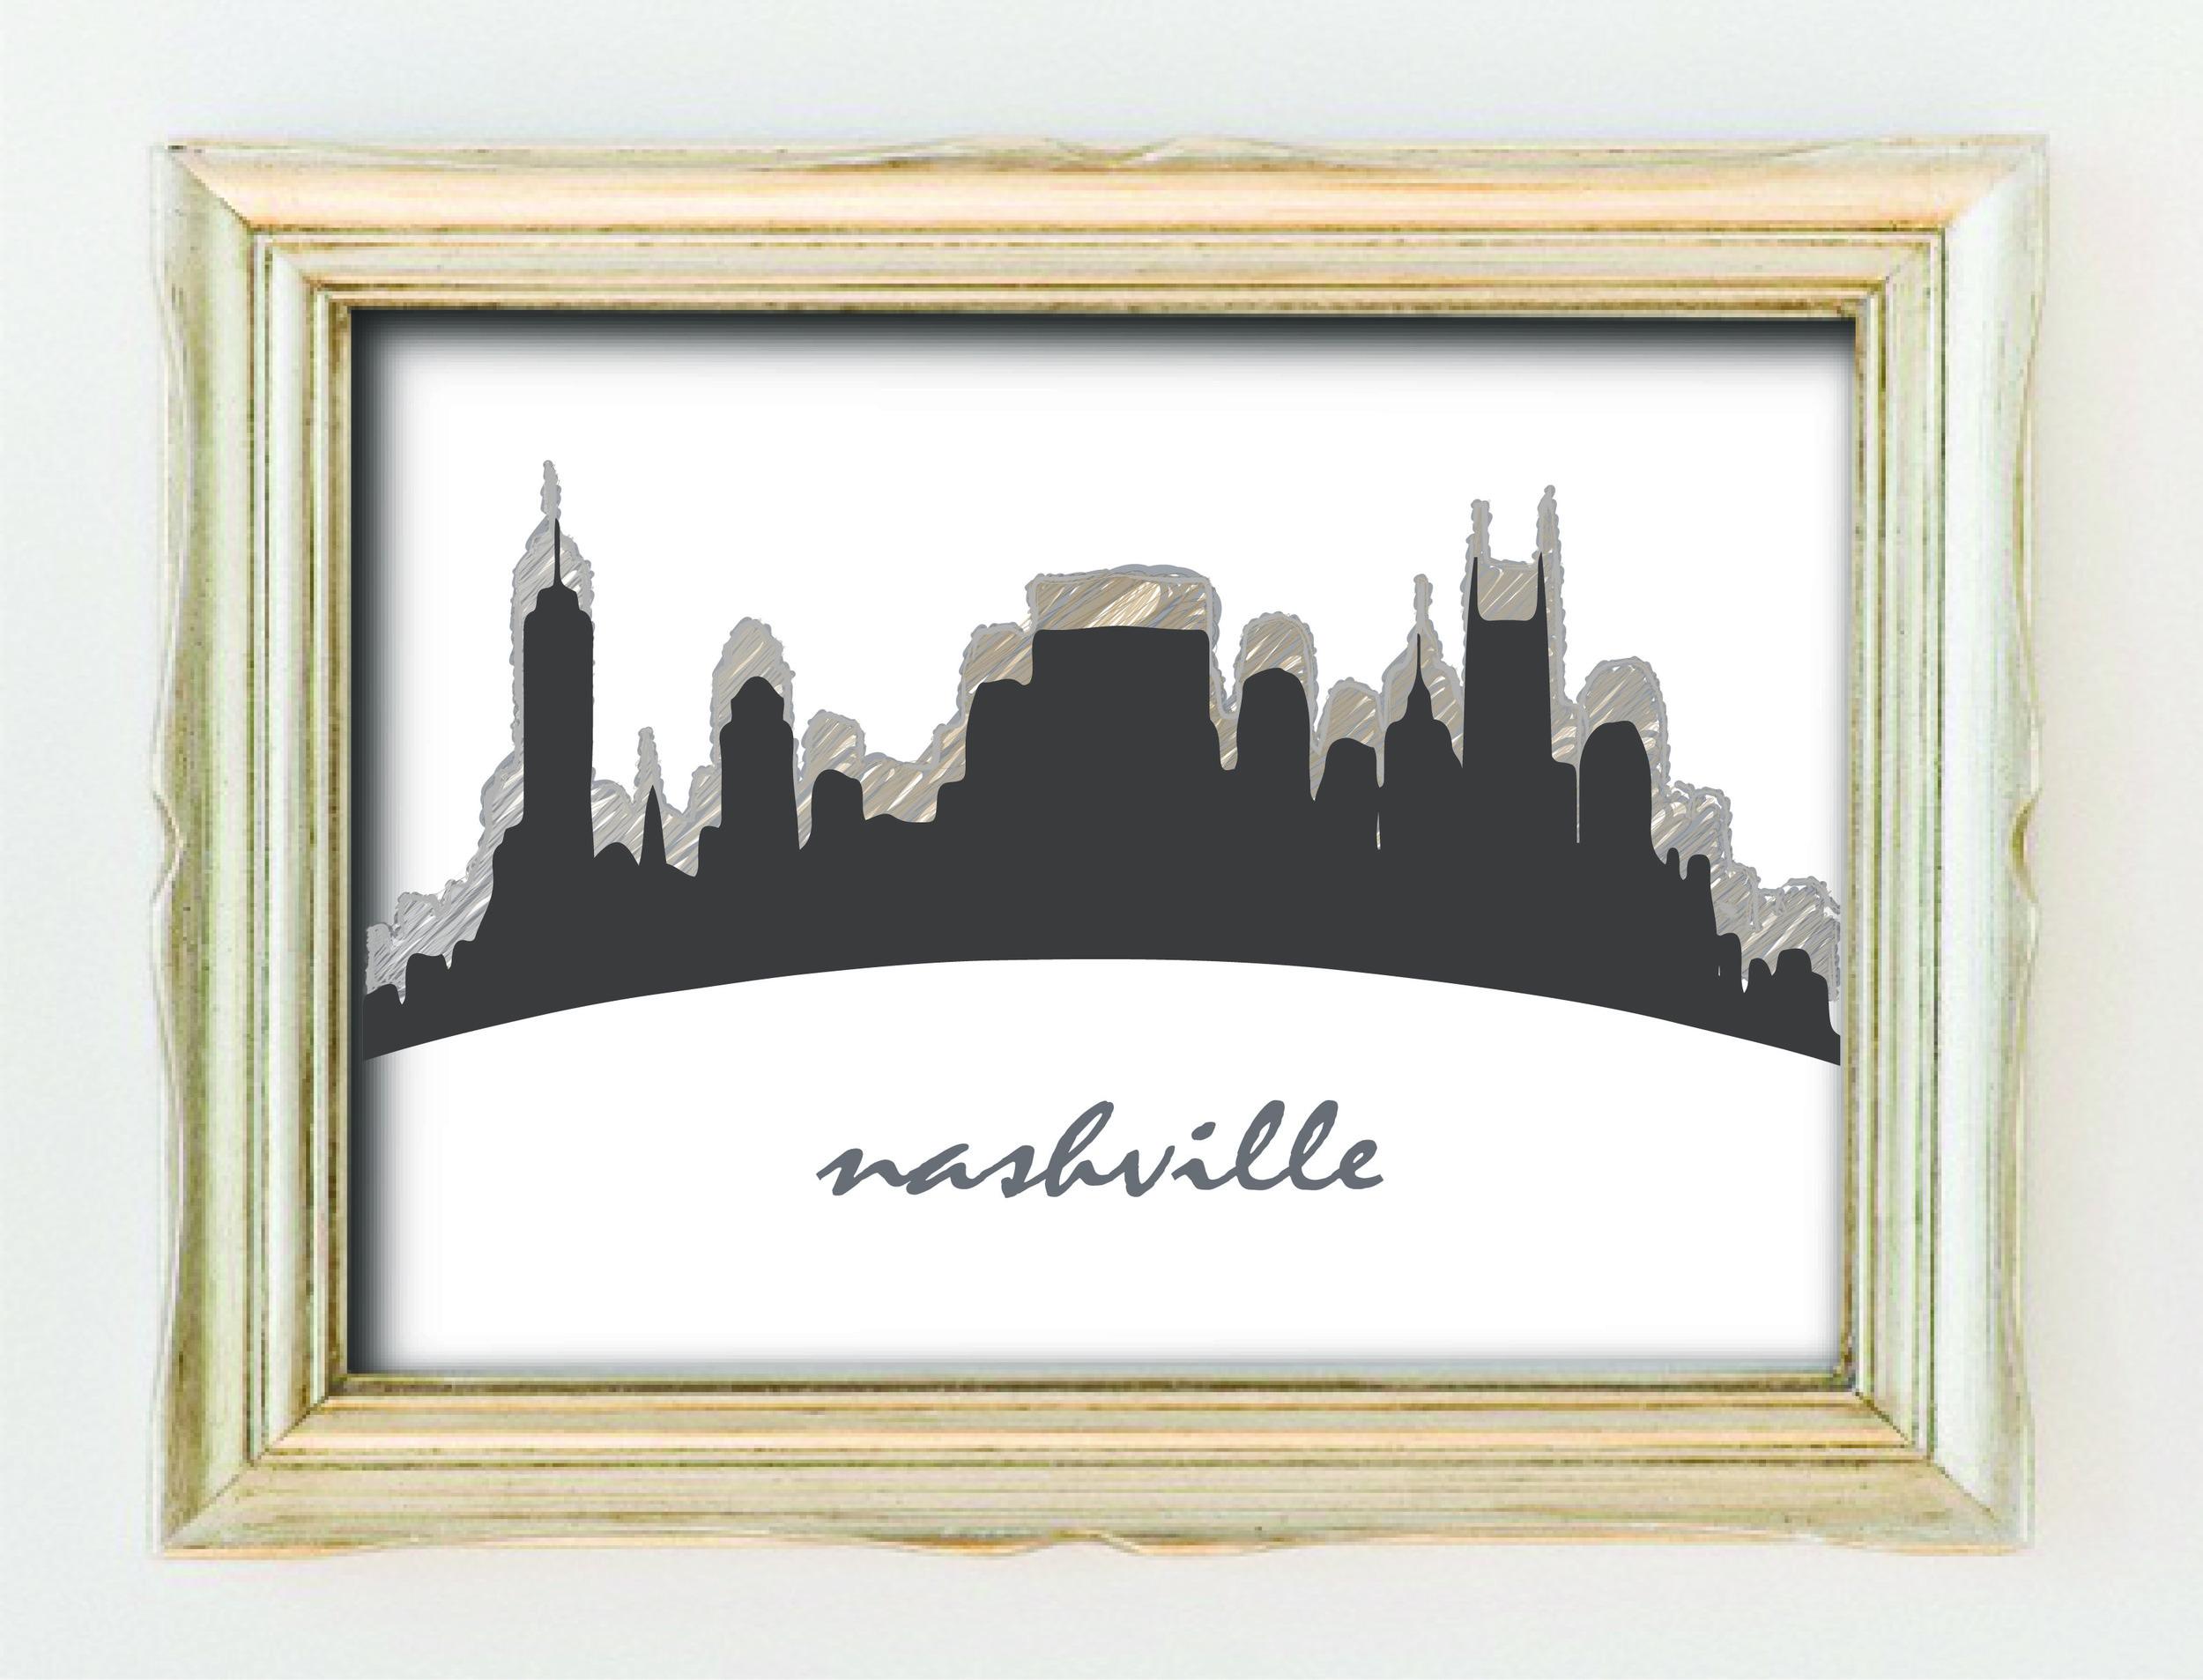 Nashville Artwork Photo.jpg